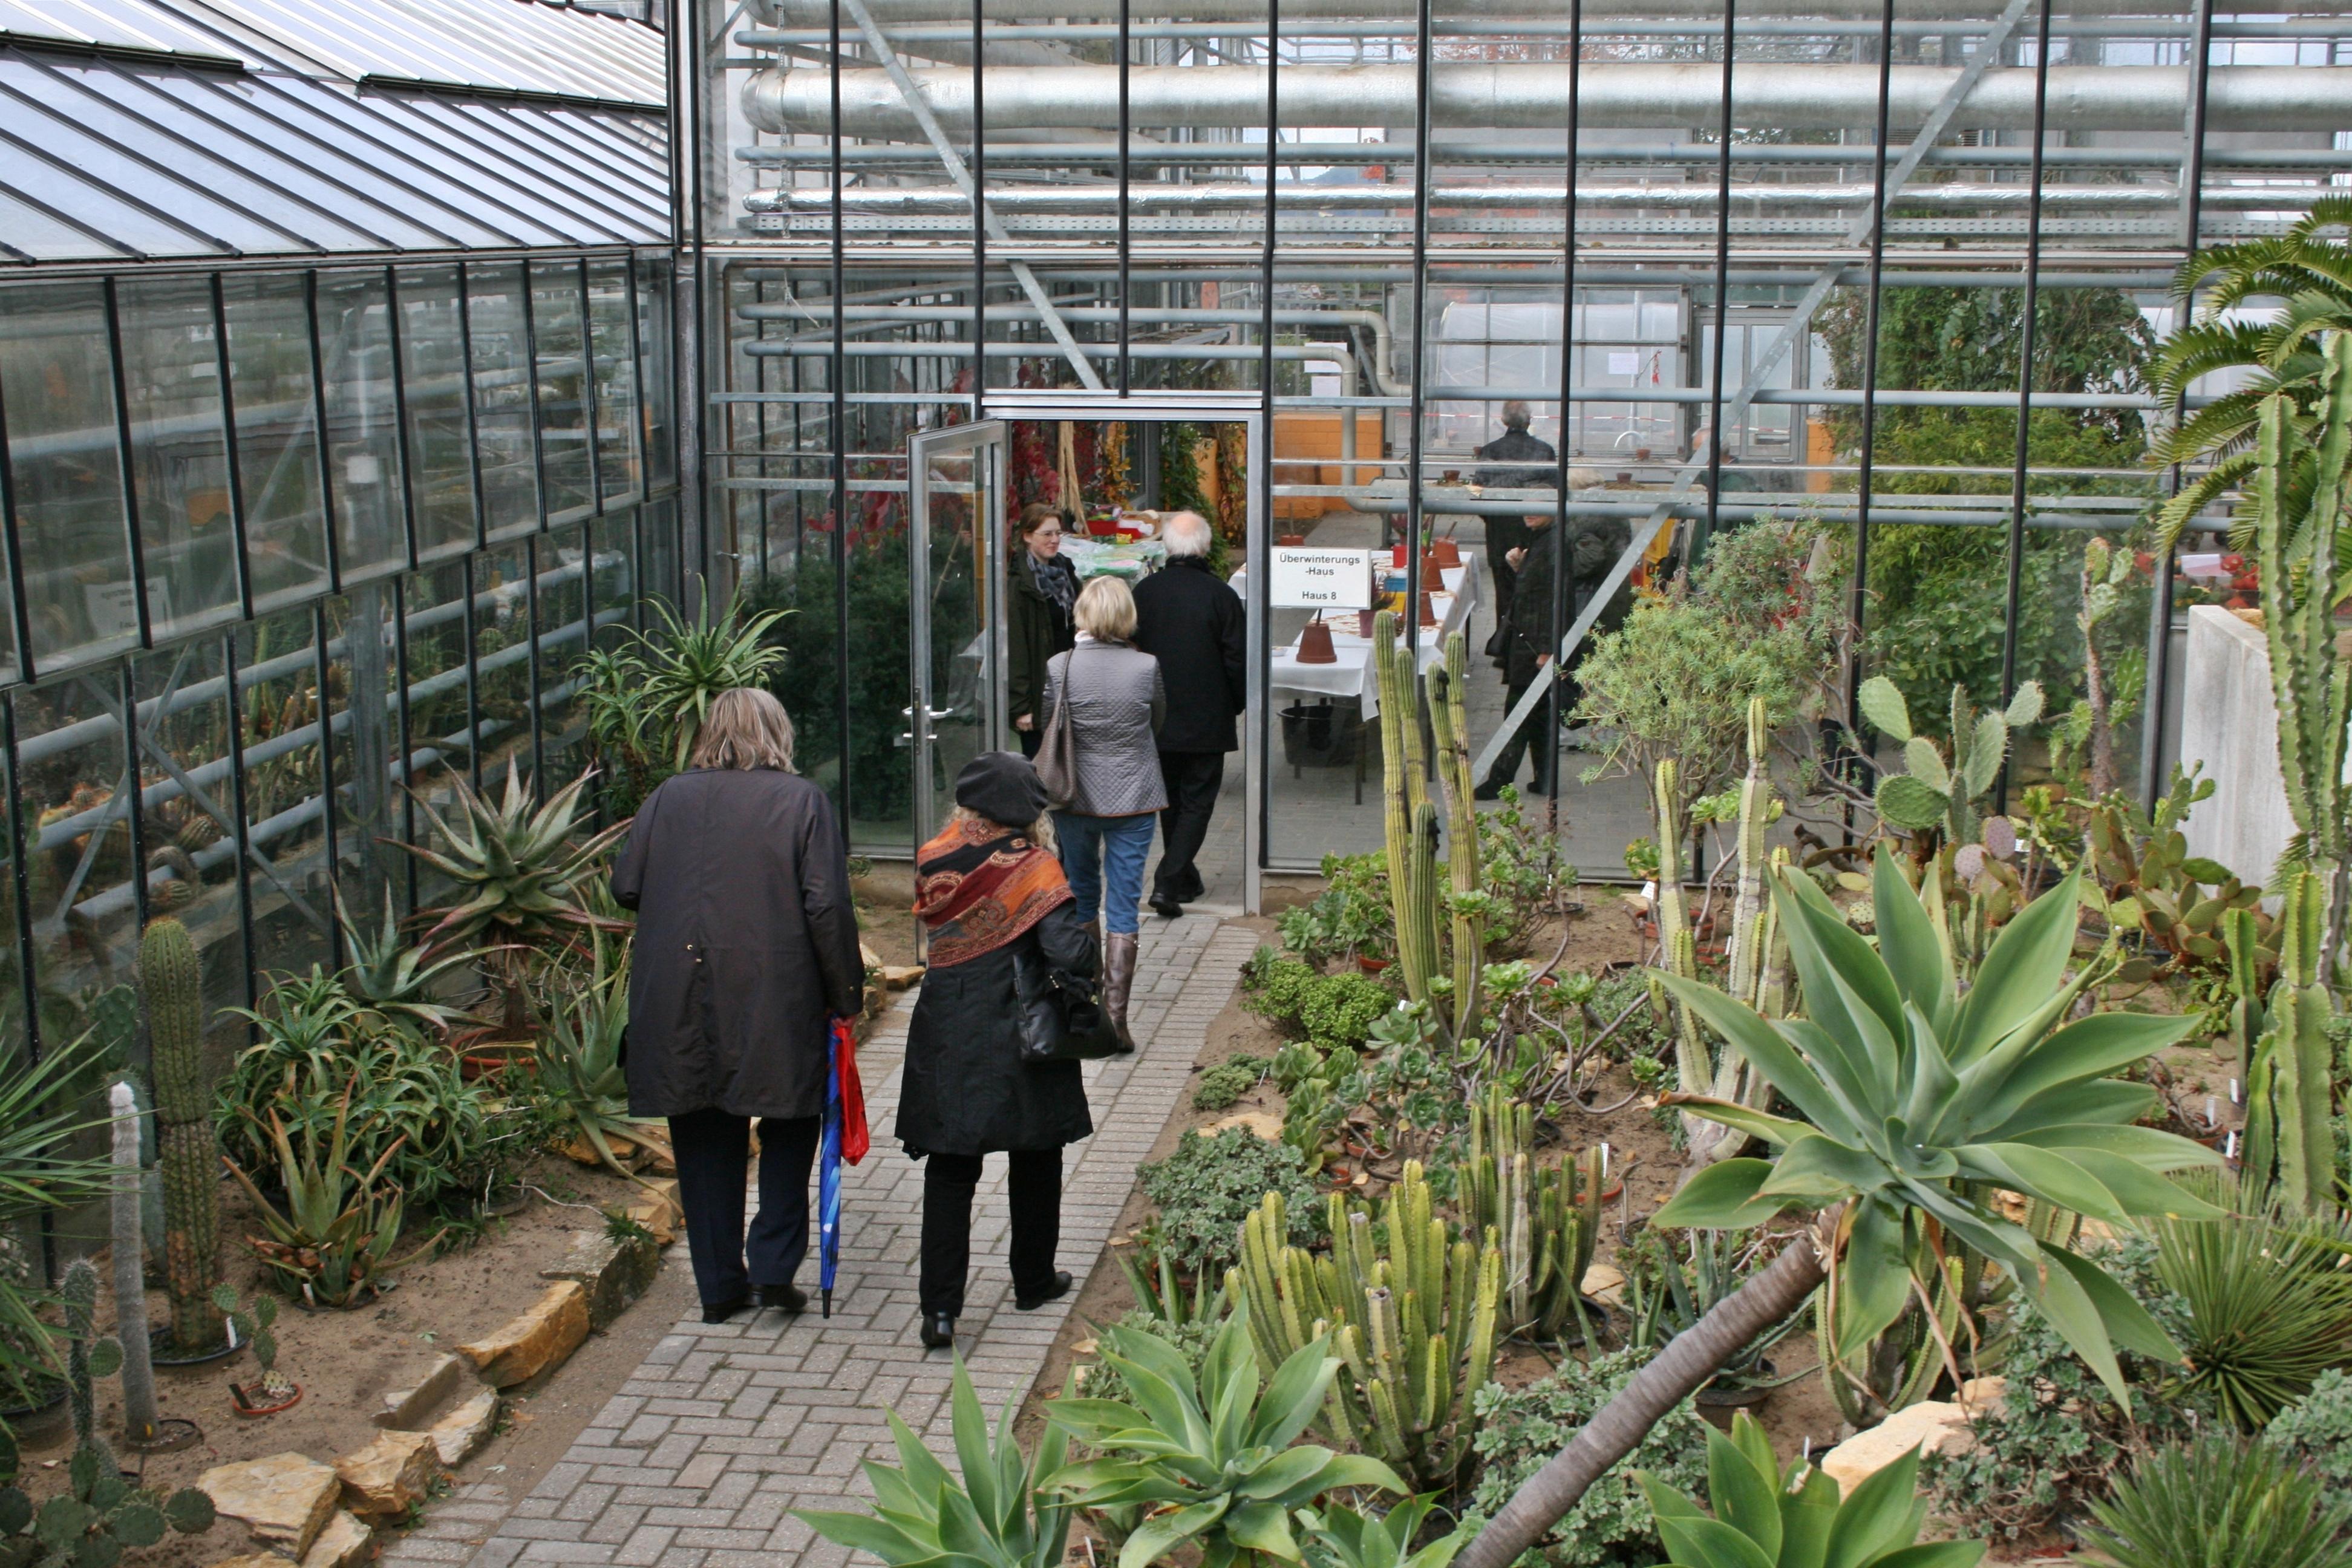 Garten Osnabrück file botanischer garten osnabrück eingang haus 8 jpg wikimedia commons